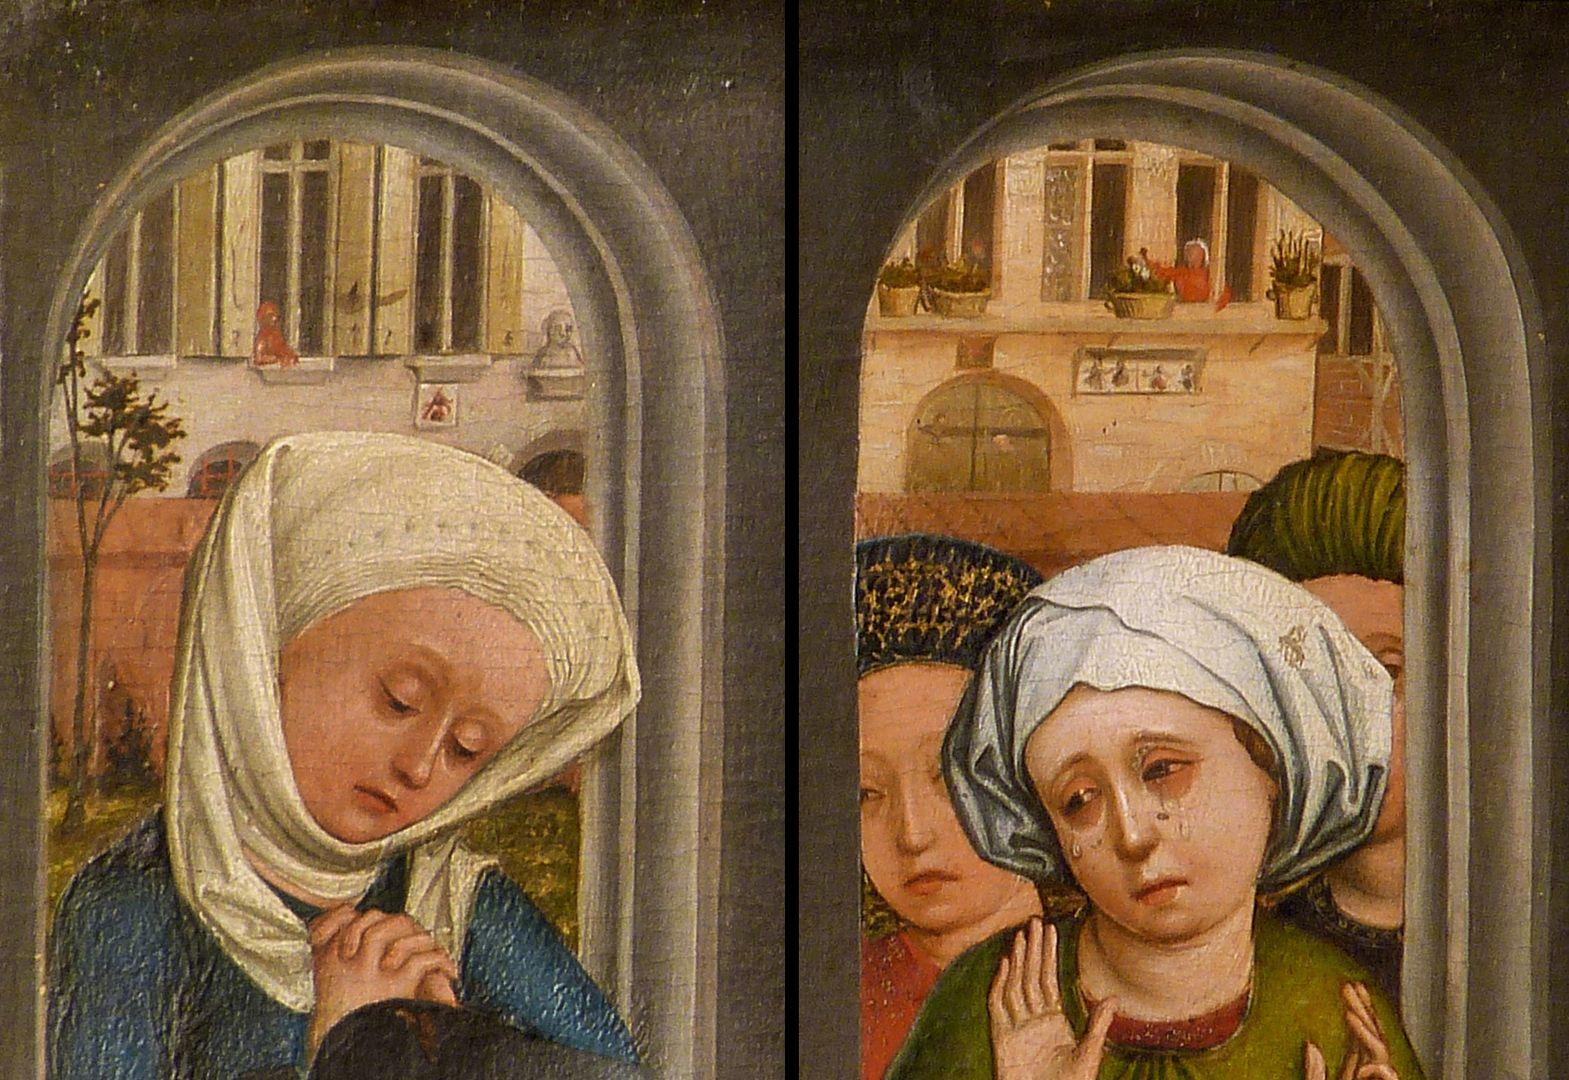 Dreikönigsaltar rechter Seitenflügel, unten: Bethlehemitischer Kindermord, Detailansicht der beiden Bogenöffnungen